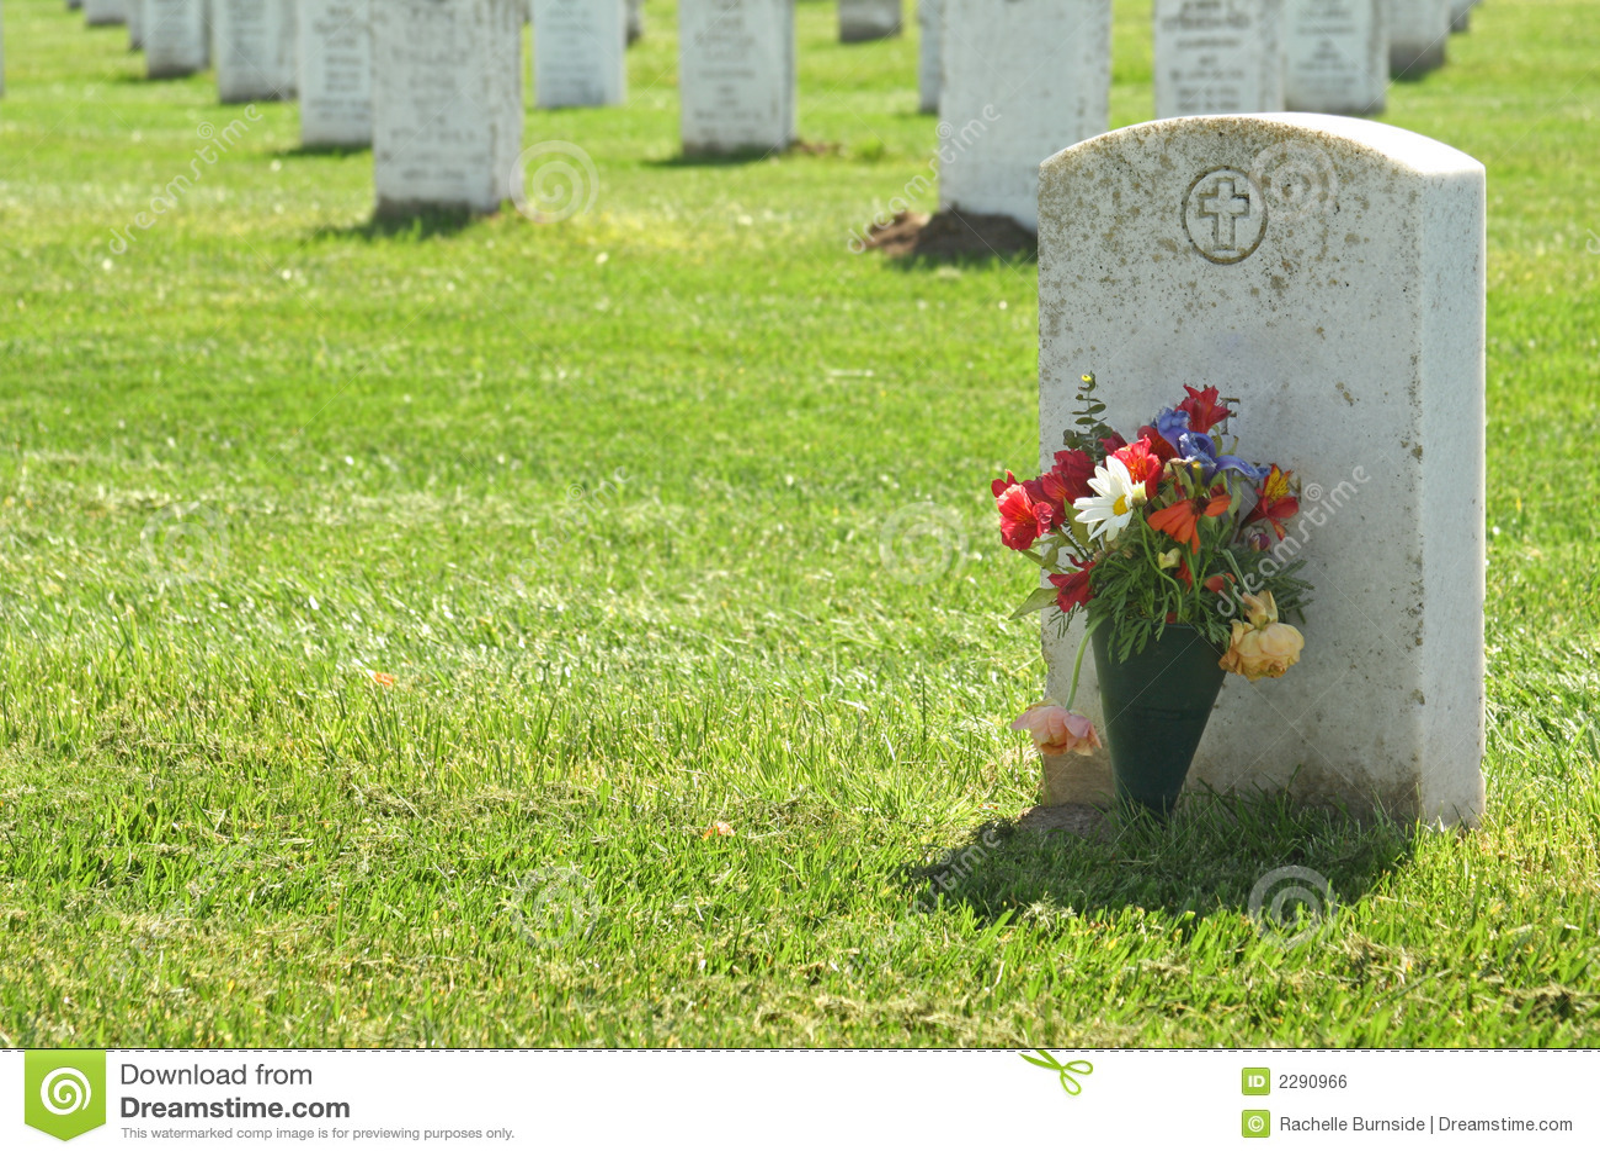 Headstone Royalty Free Stock Image Image 2290966